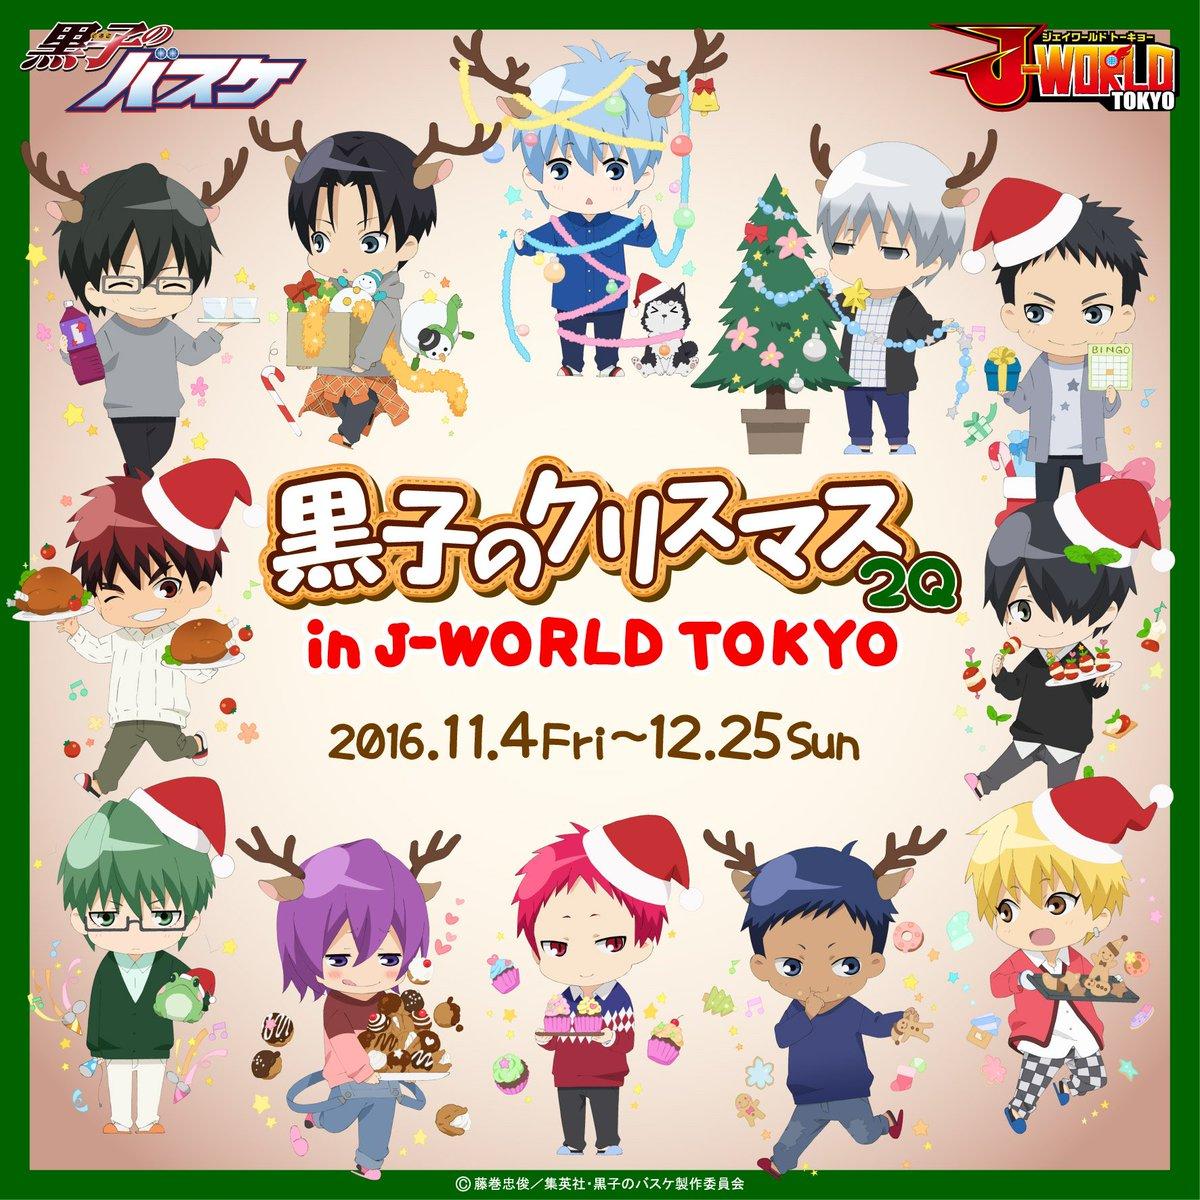 【J-WORLD①】11/4(金)より『黒子のクリスマス 2Q in J-WORLD TOKYO』の開催が決定!描き下ろしの12名のちびキャライラストが登場!楽しいパーティーを心待ちにしている様子です。 namco.co.jp/tp/j-world/NEW…  #kurobas